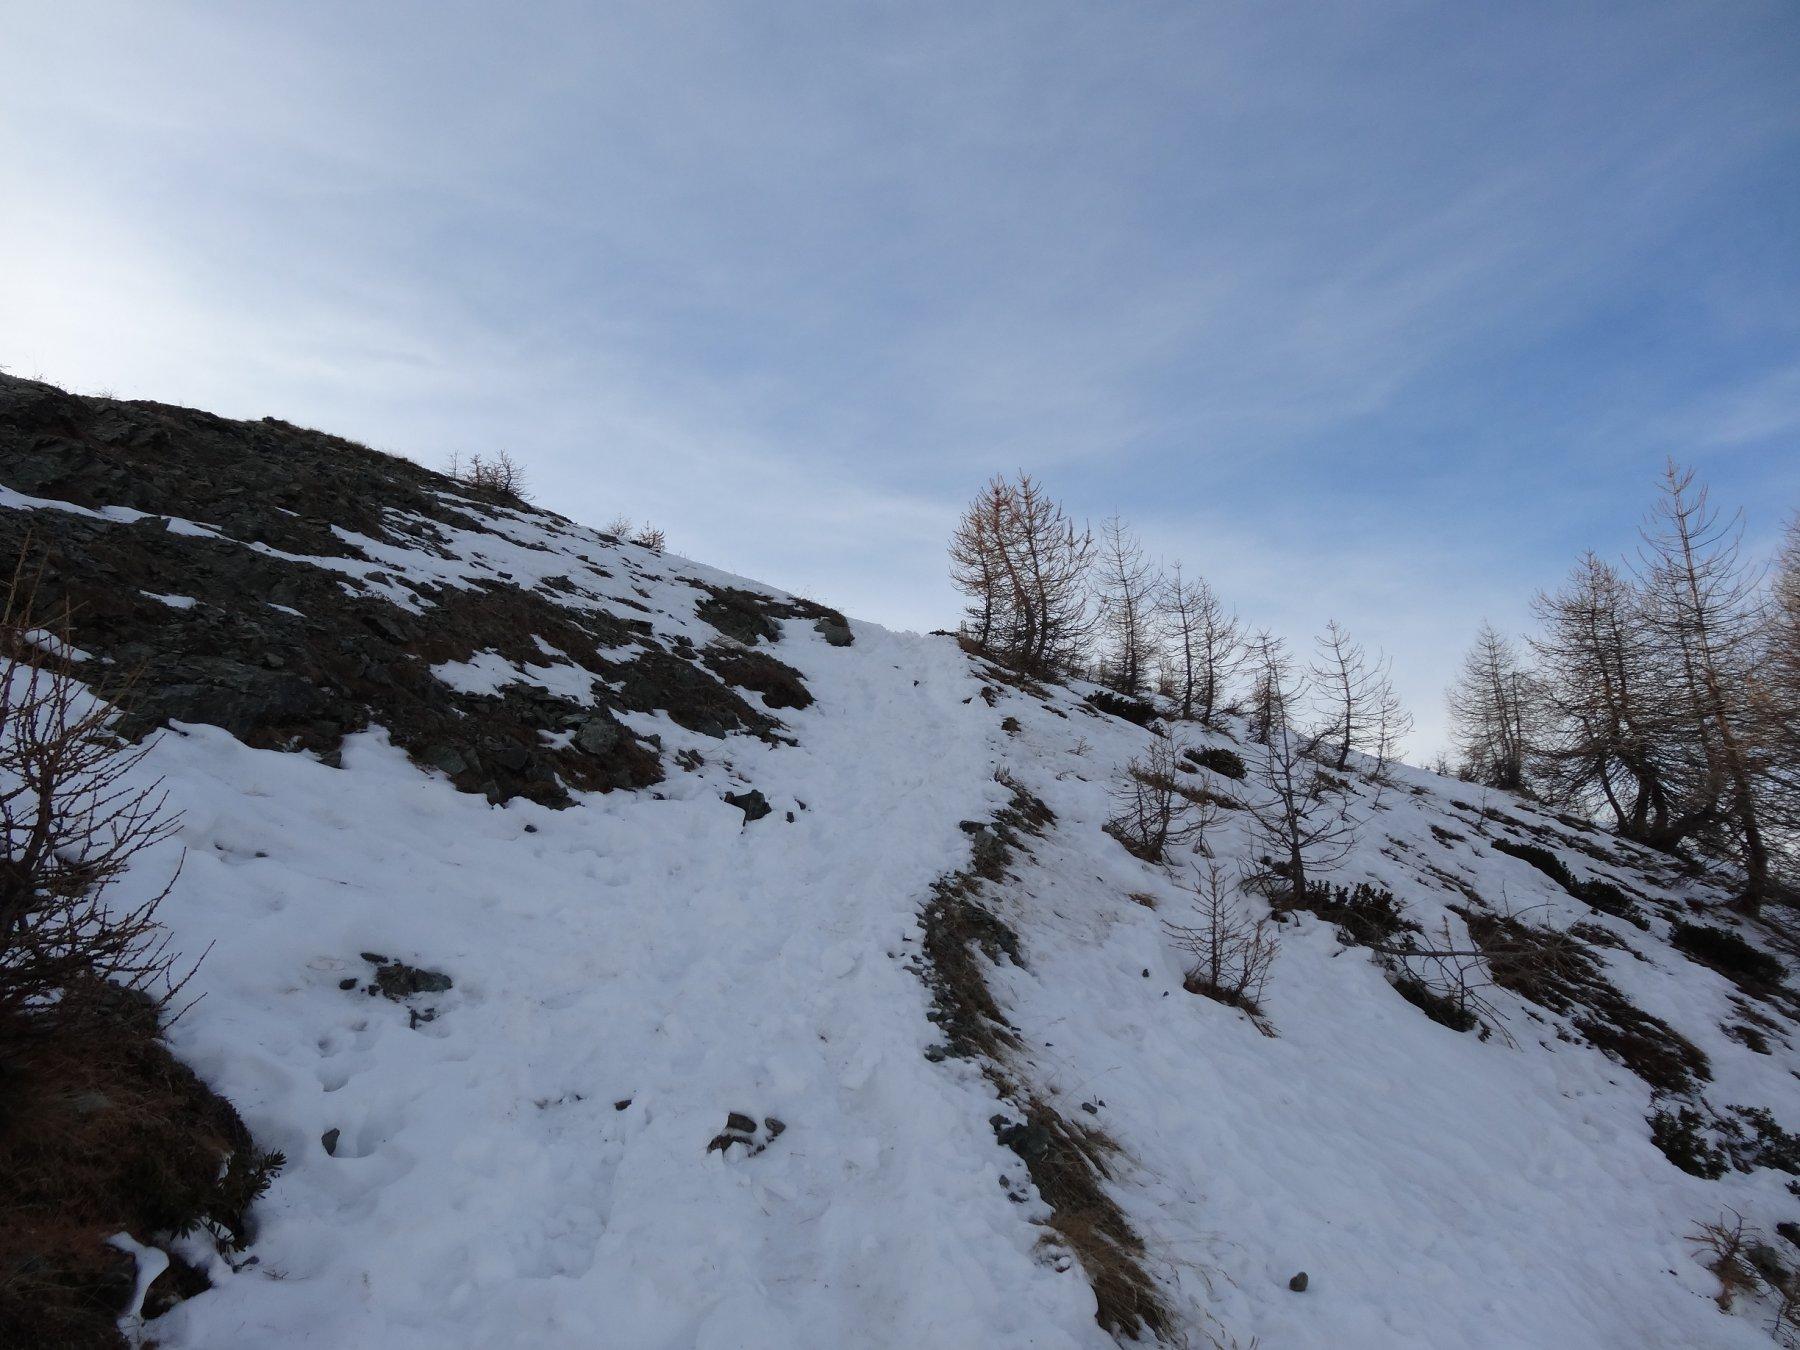 ultimo tratto prima della cima longhede